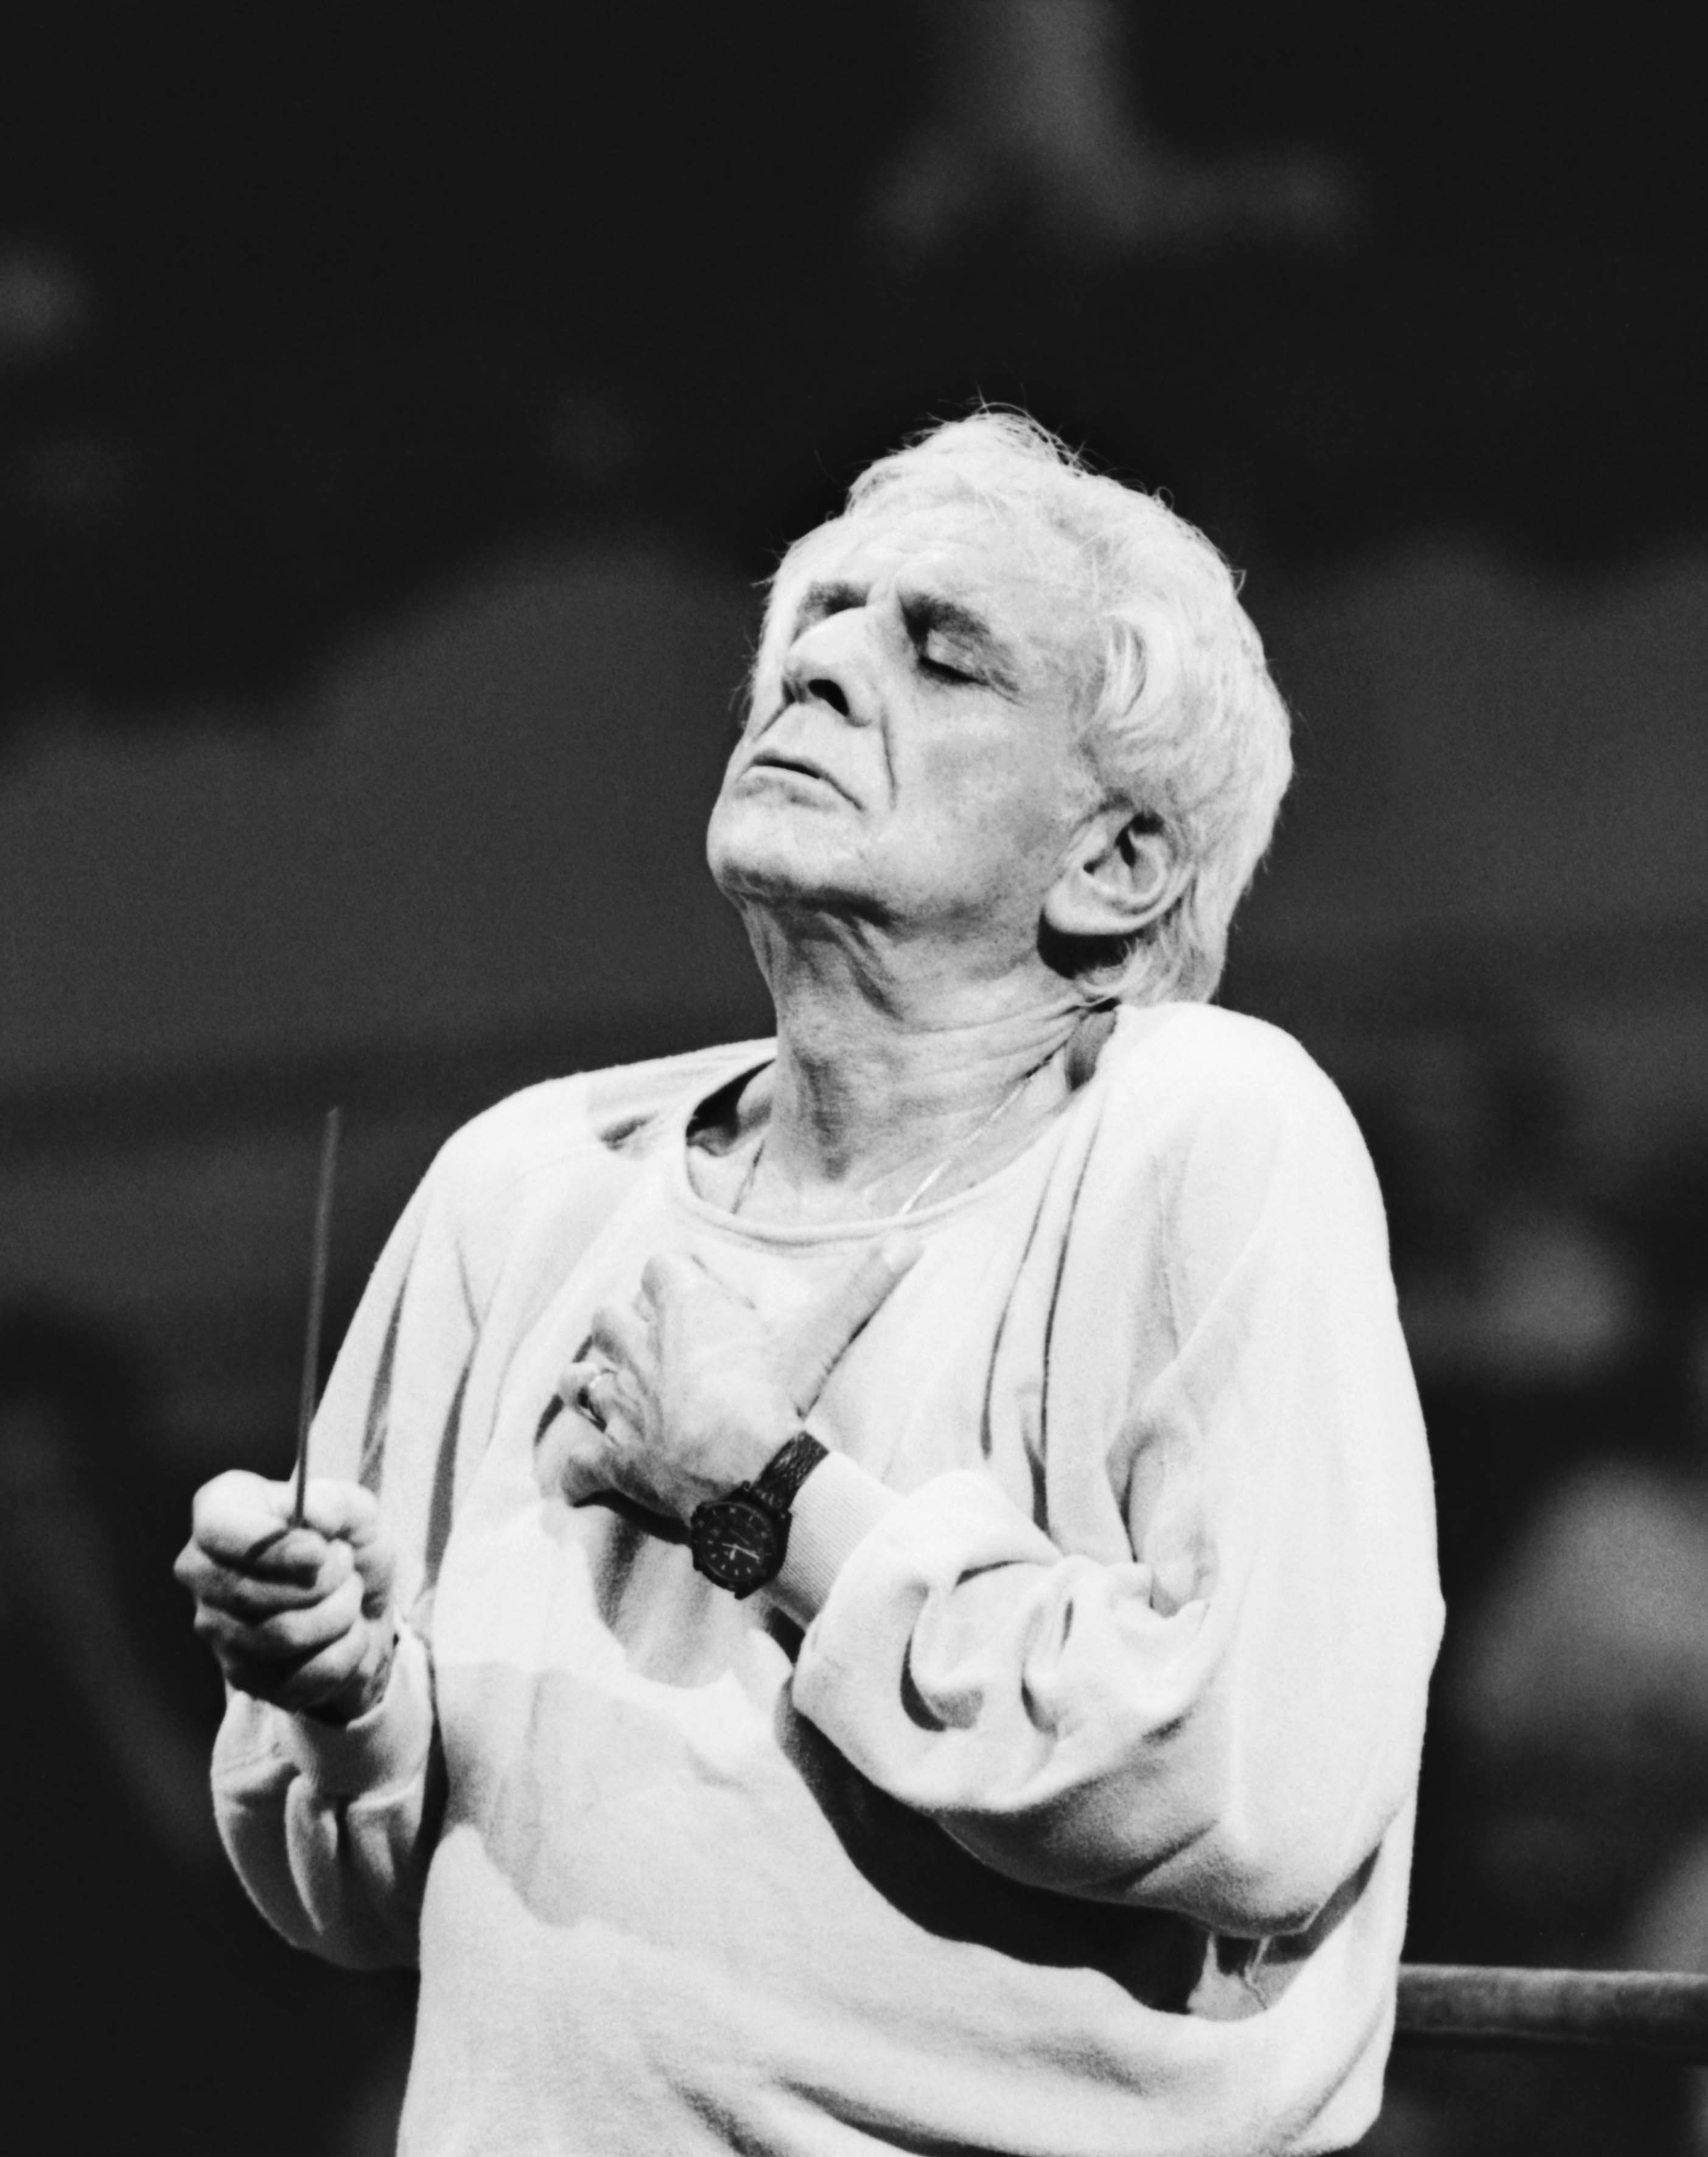 Musiche ©SilviaLelli, Leonard Bernstein